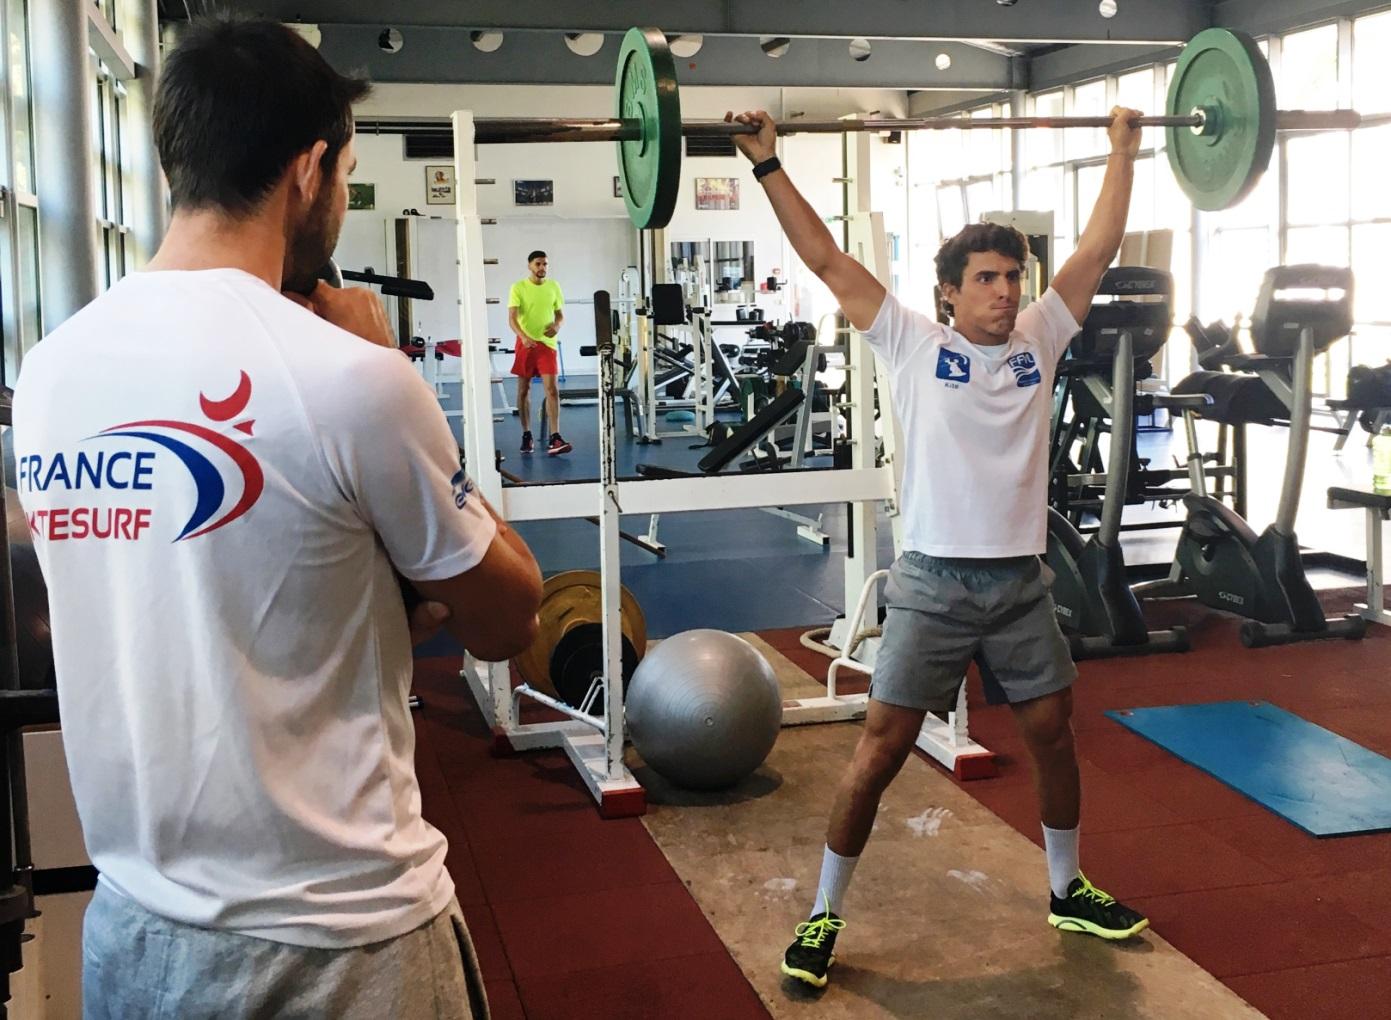 Paul Serin en préparation physique - © Romaric Linares